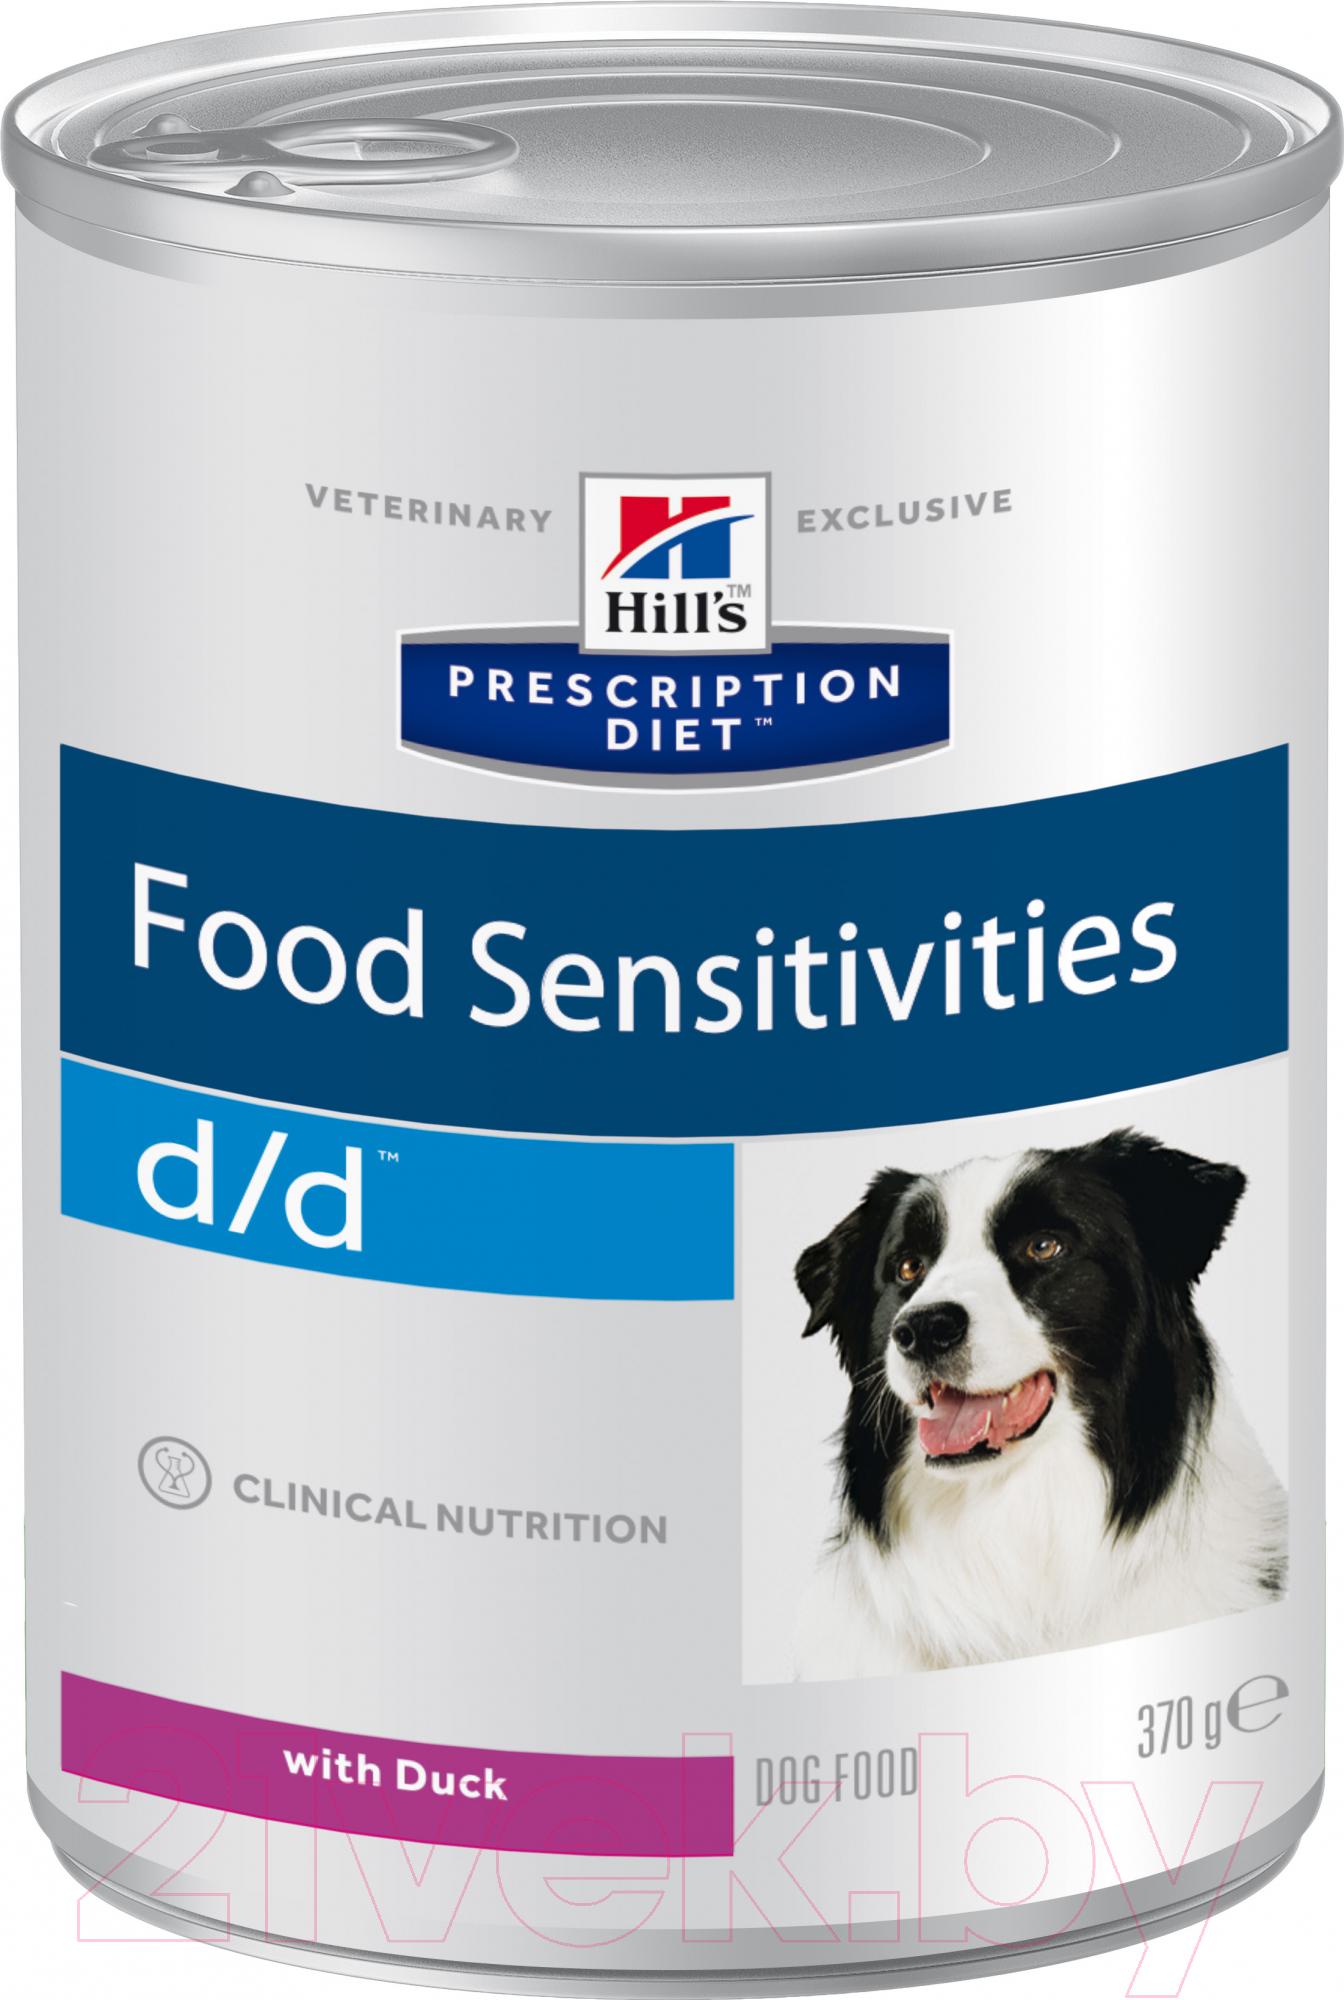 Купить Корм для собак Hill's, Prescription Diet Food Sensitivities d/d Duck&Rice (370г), Чехия